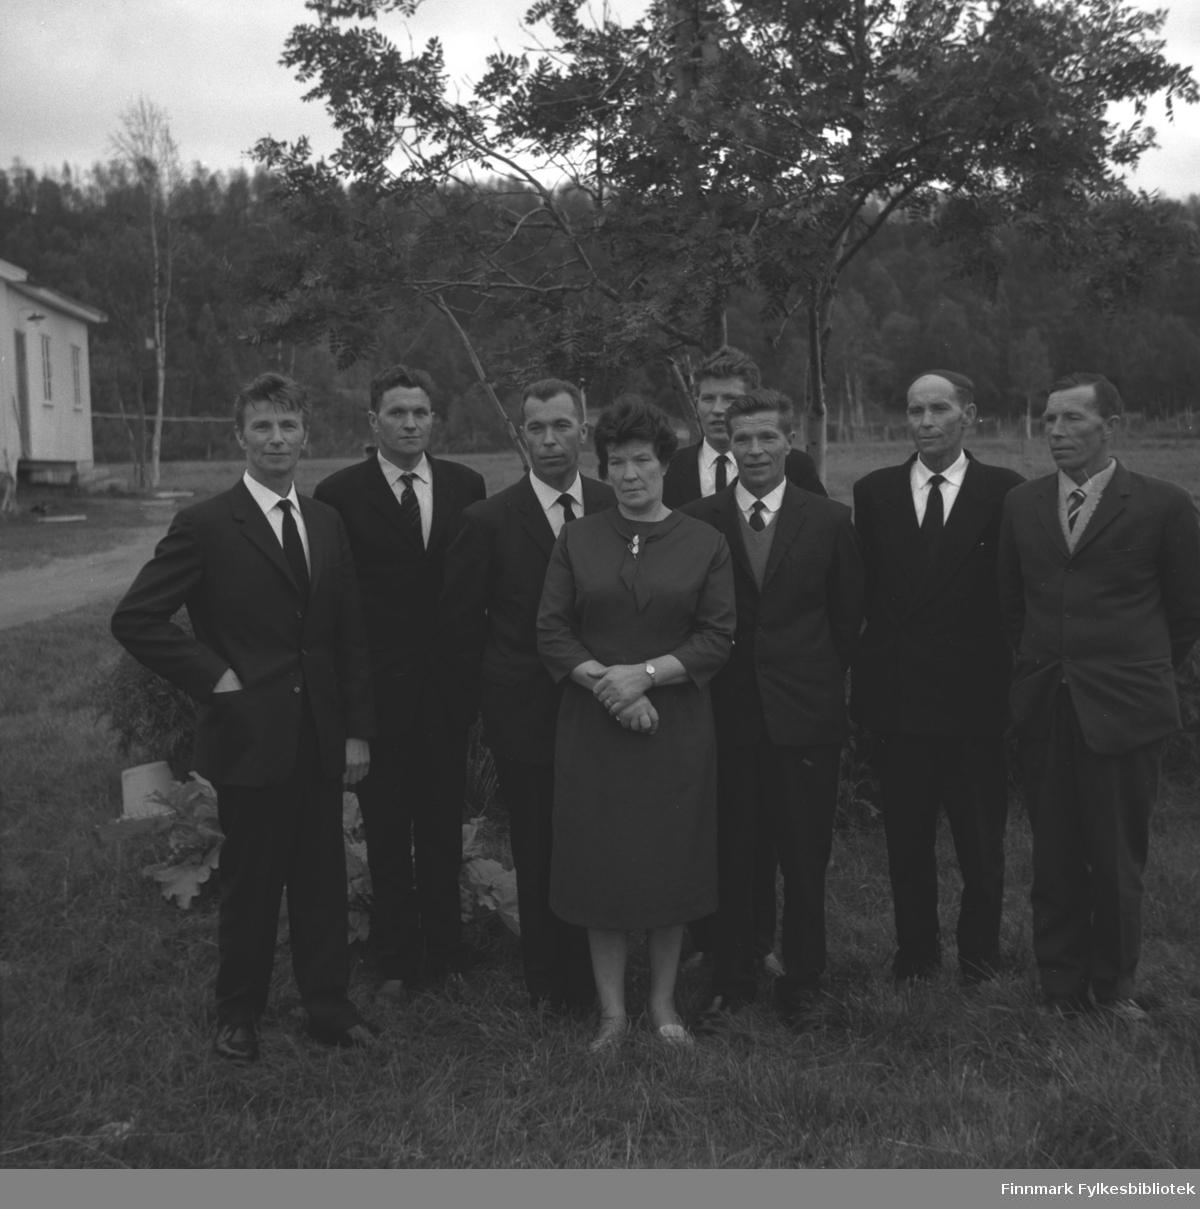 Syv menn og en dame poserer for fotografen på et jorde i Neiden. De er fra venstre: Eino Drannem, Hermann Karikoski, Gunnar Karikoski, Lyyli Arvola, Oskar Karikoski, Aage Karikoski, Helge Karikoski og Arne Karikoski.